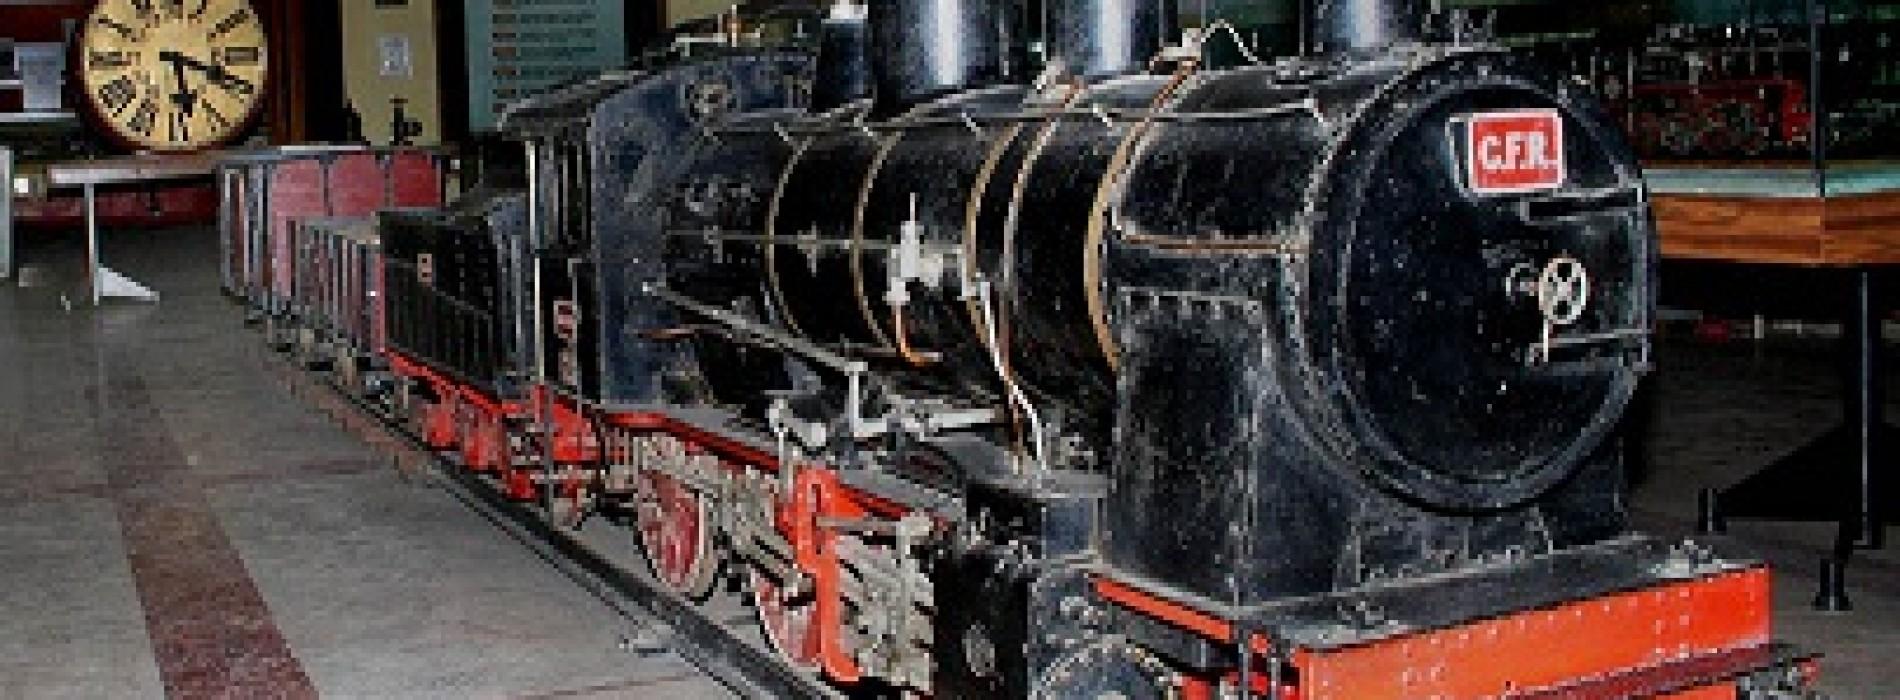 Trenul regal şi Muzeul CFR au vizitatori la început de aprilie